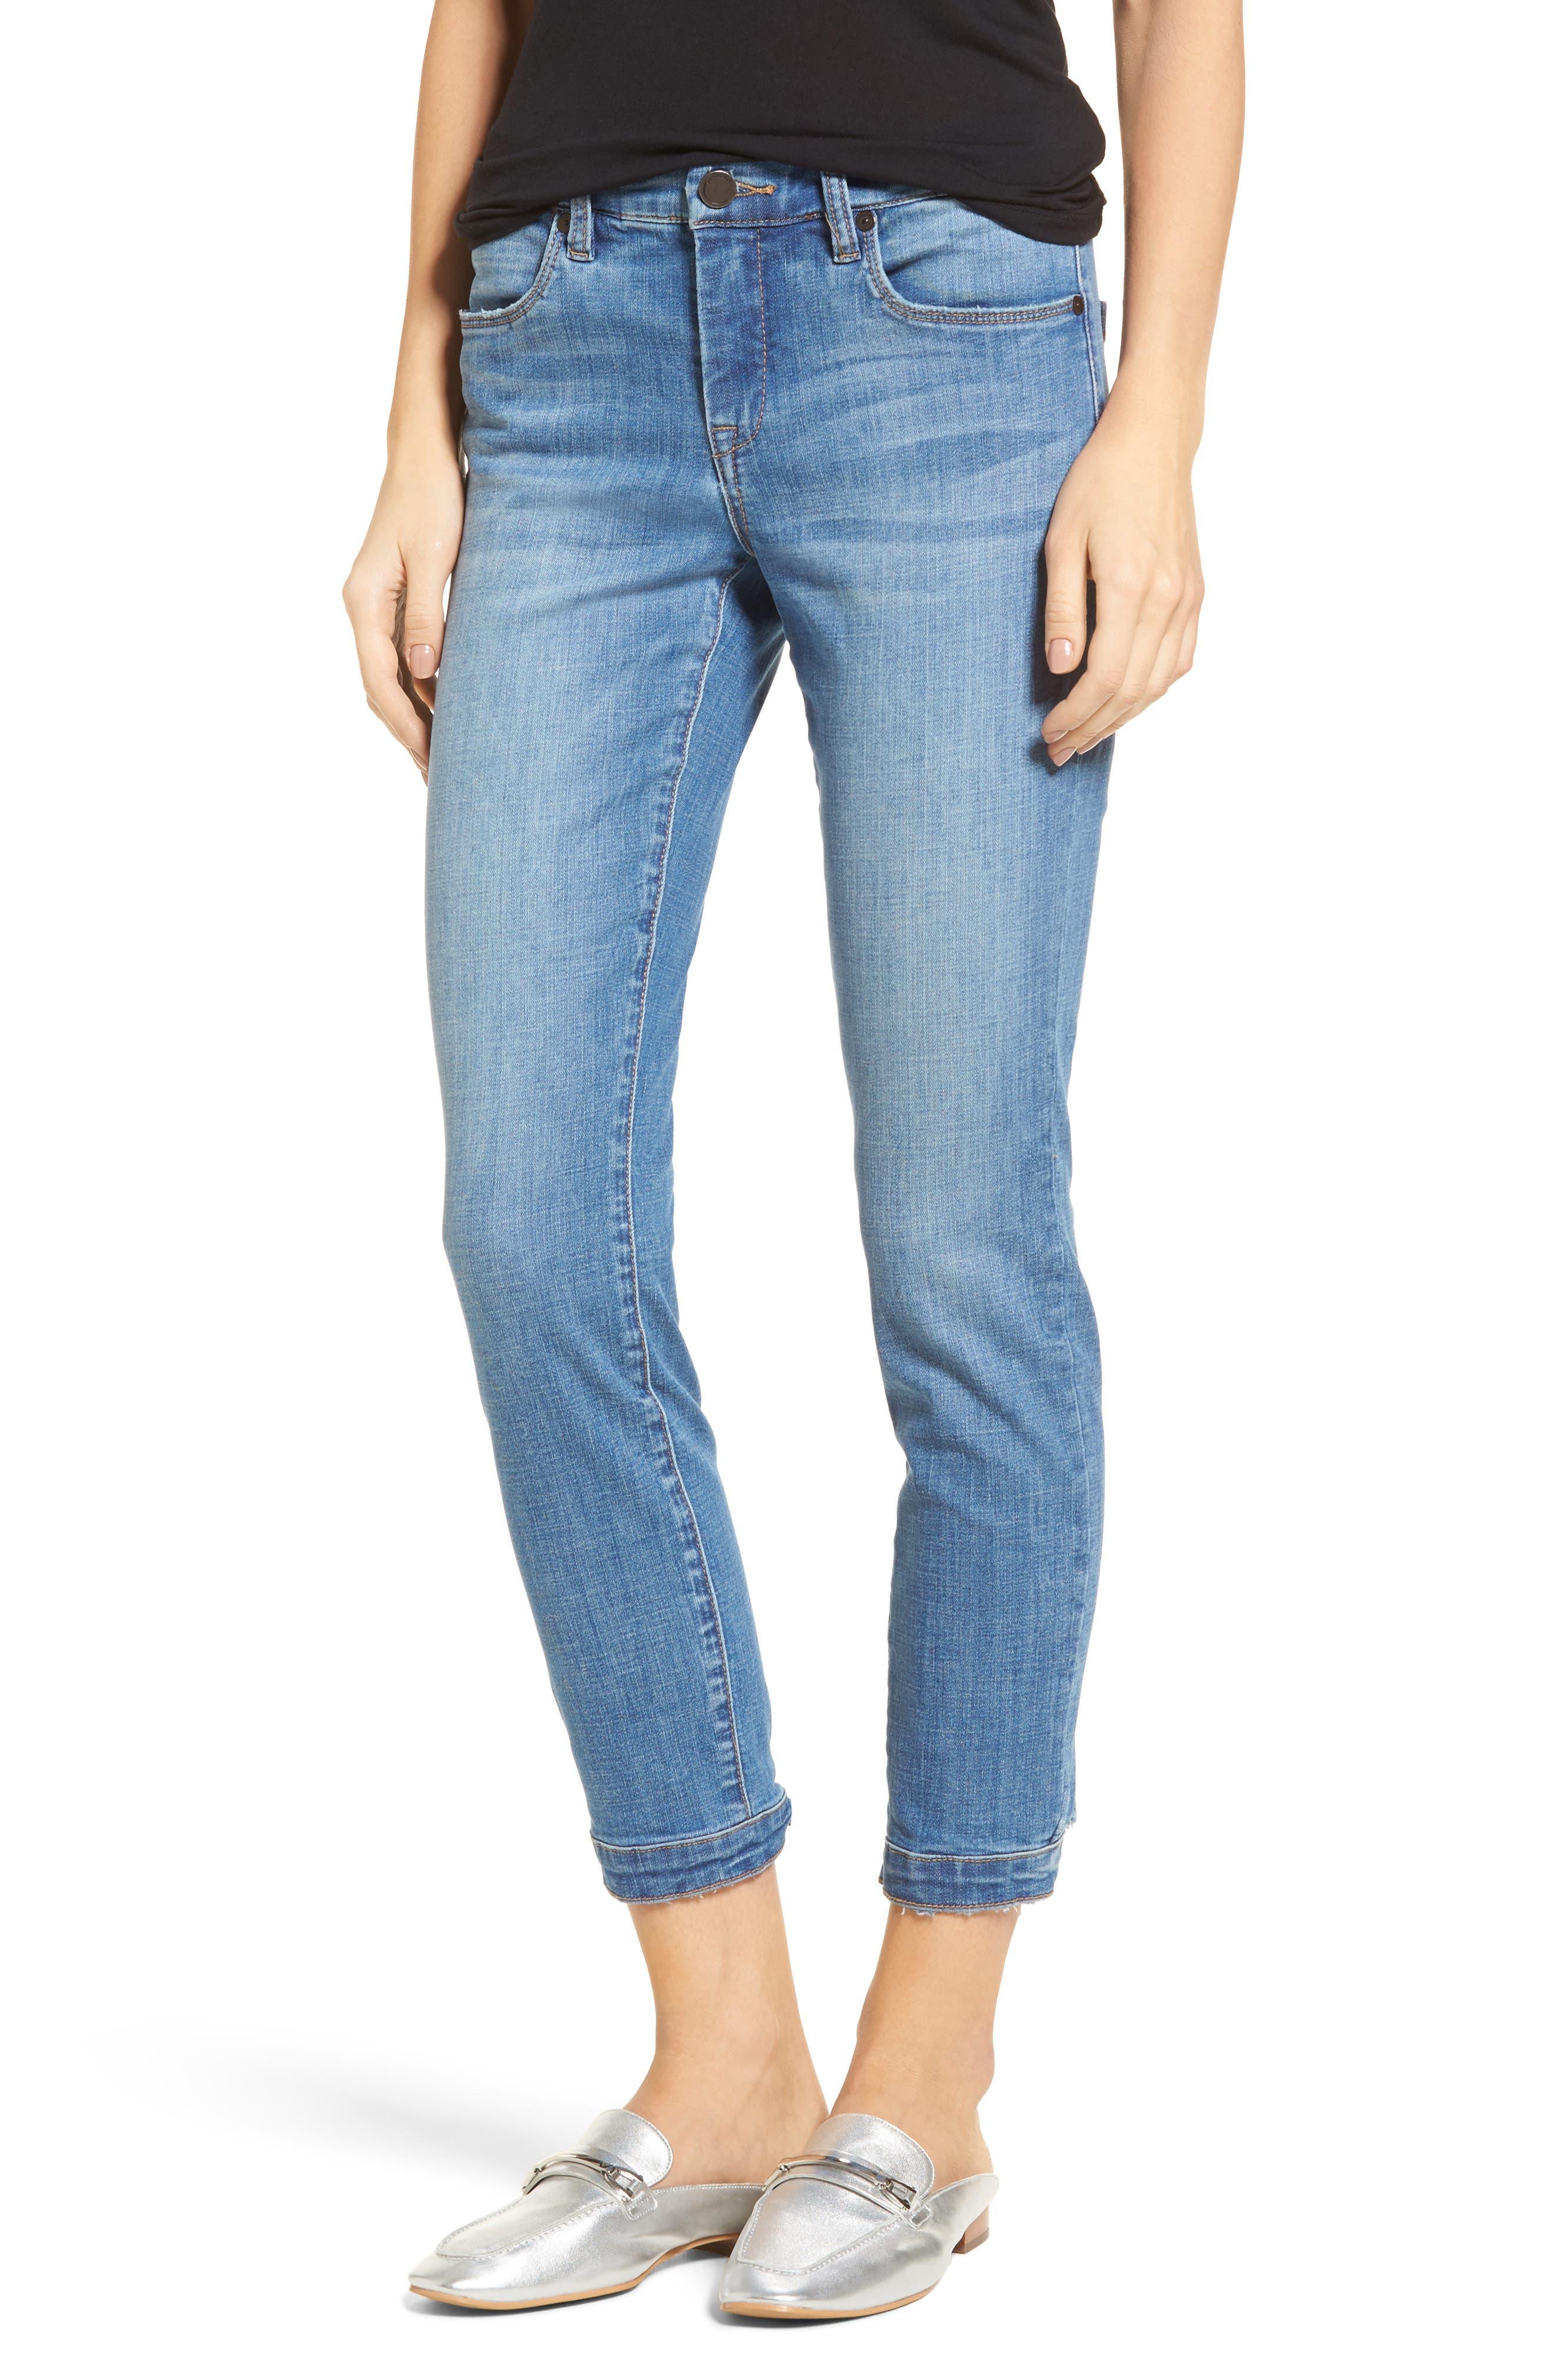 Alternate Image 1 Selected - BLANKNYC Happy Place Tie Hem Skinny Jeans